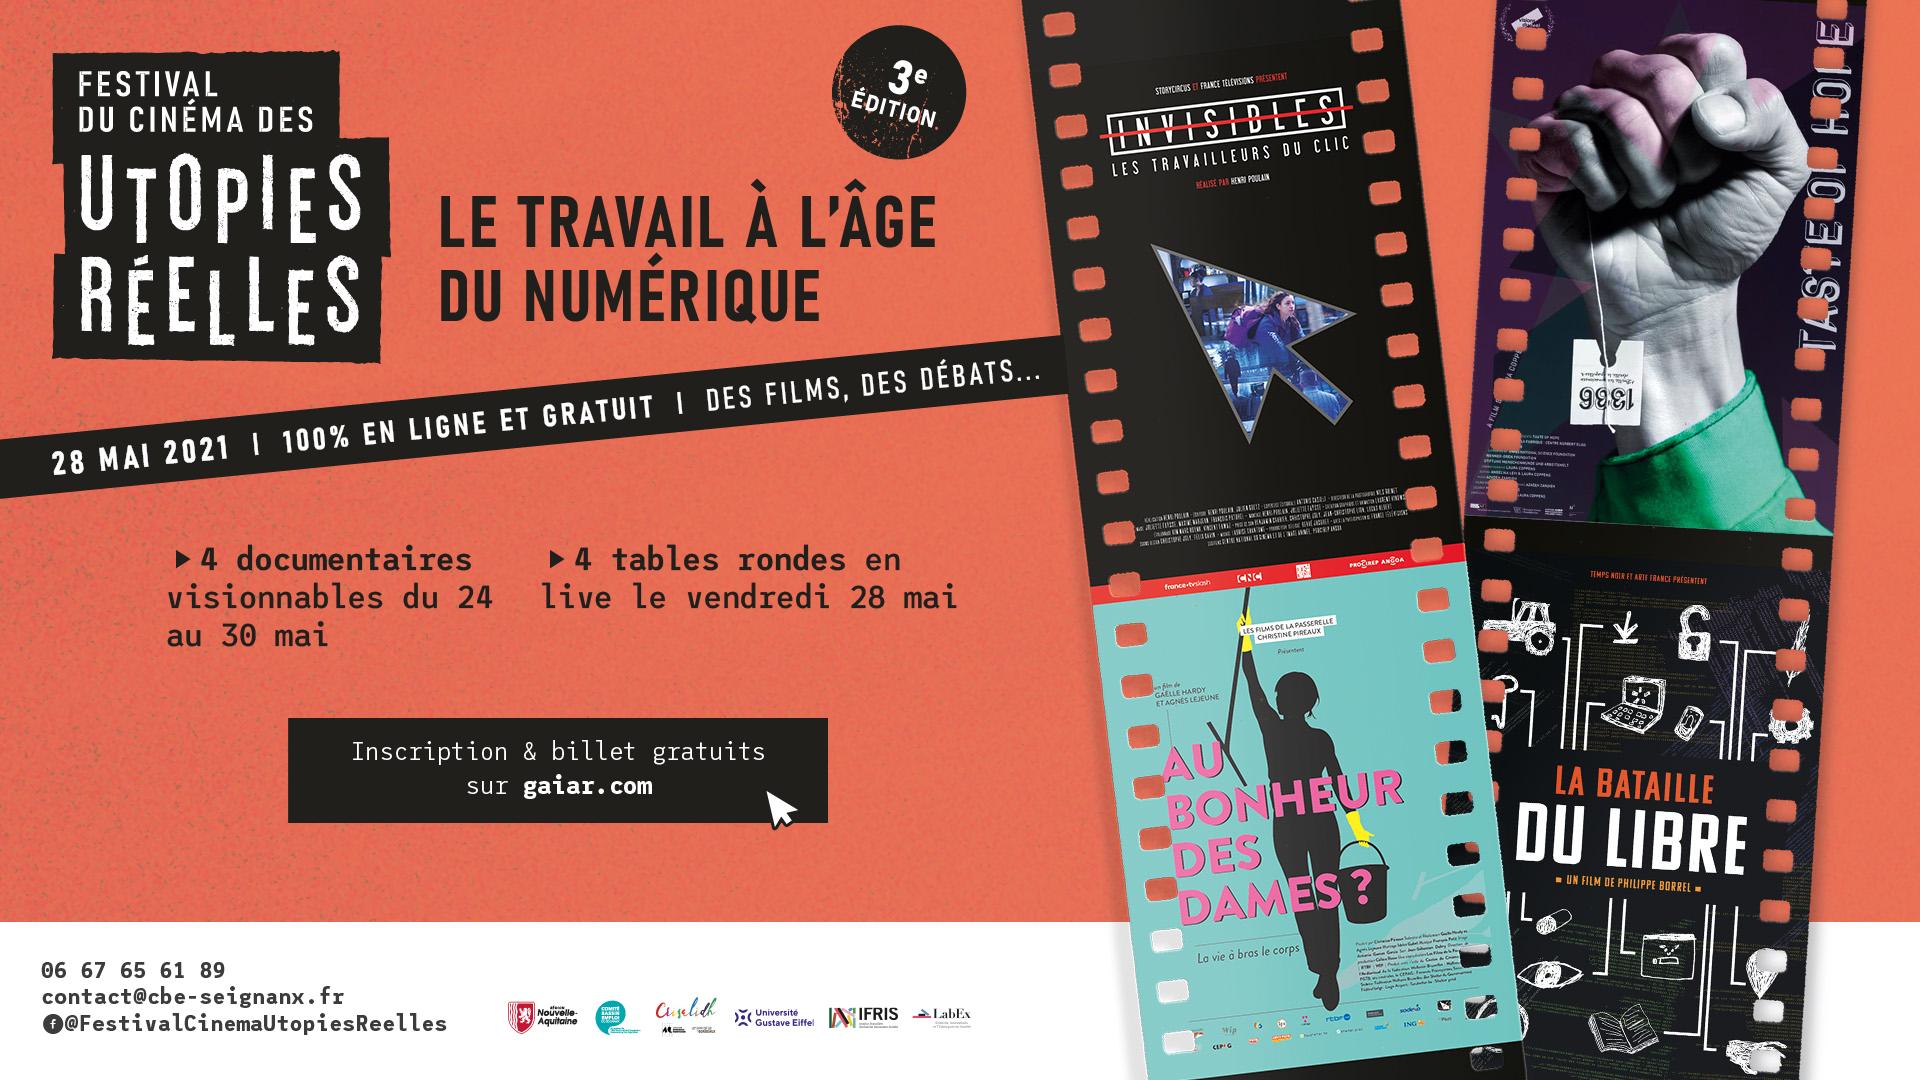 Festival du Cinéma des Utopies Réelles vendredi 28 mai 2021